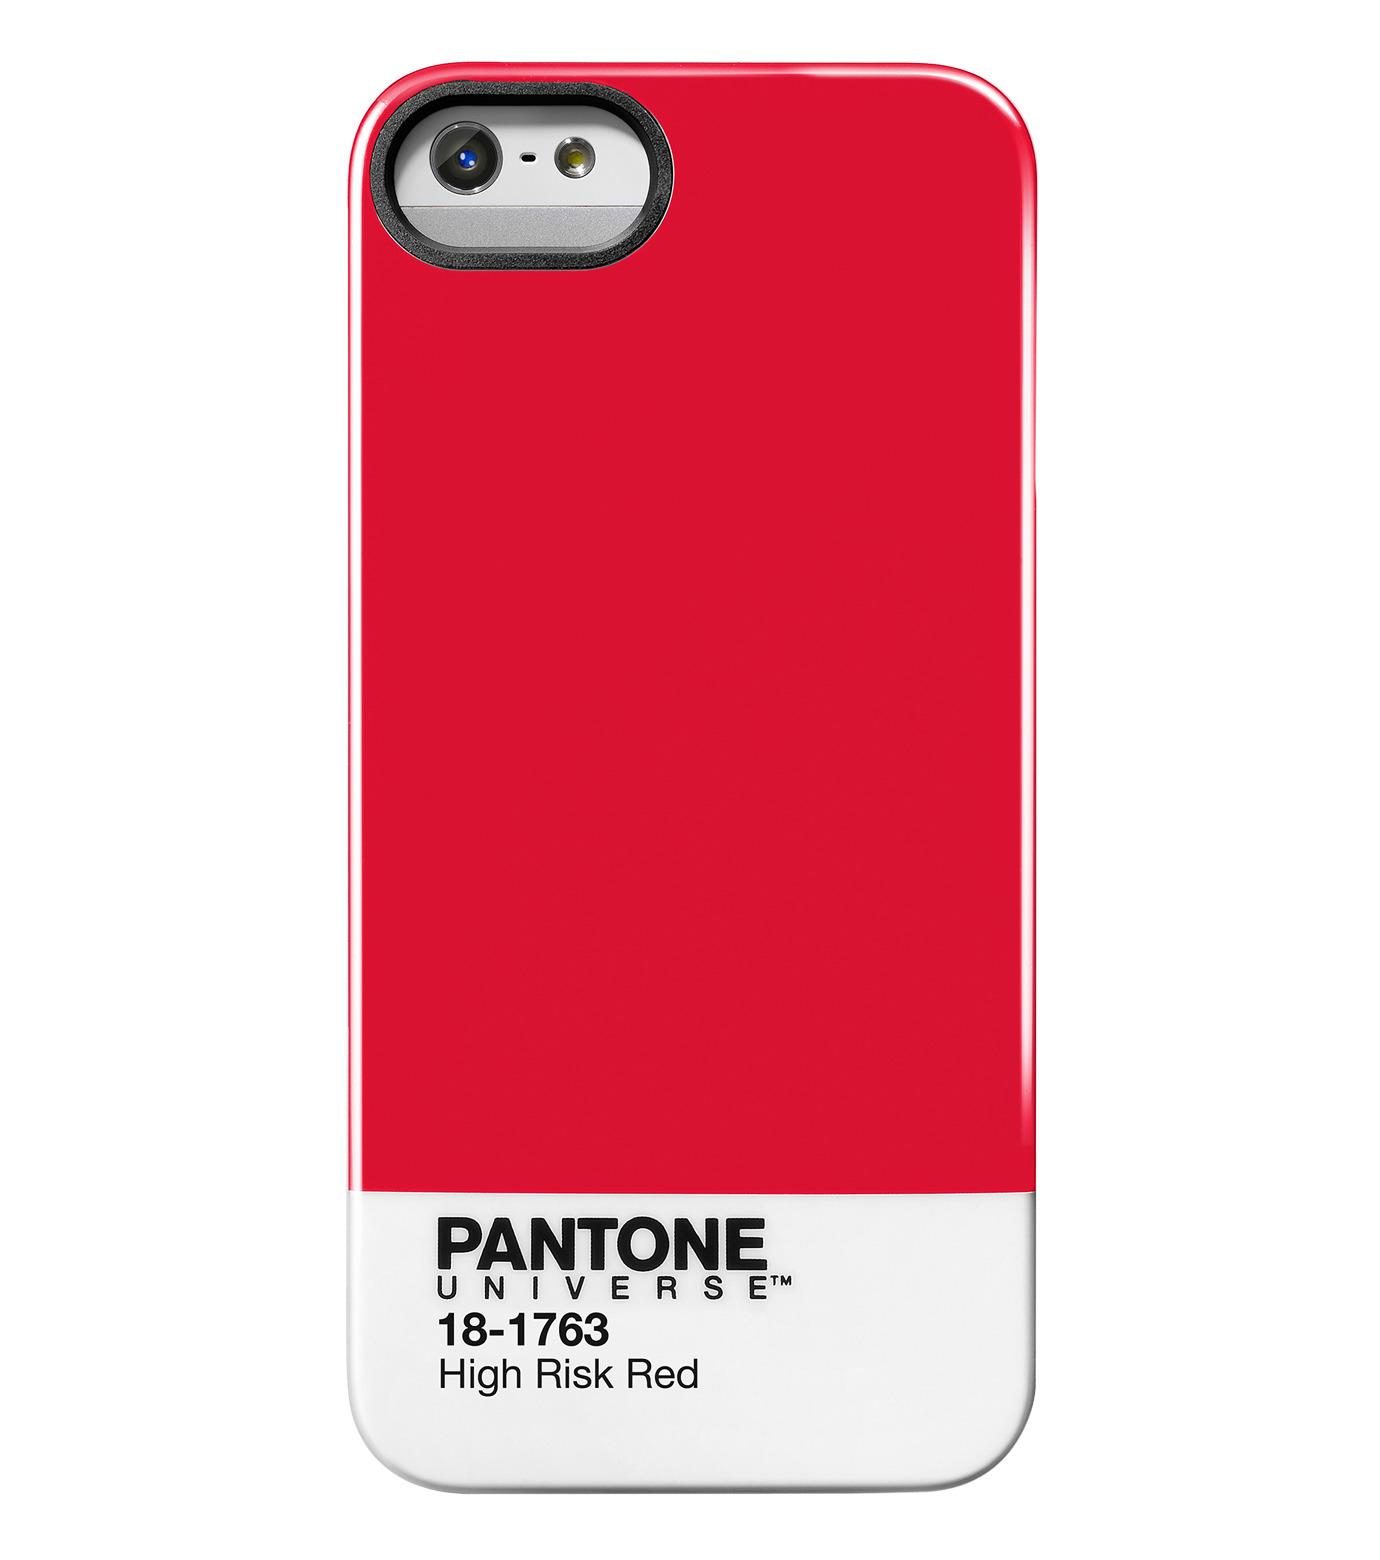 CASE SCENARIO(ケースシナリオ)のIphone5 case-RED(ケースiphone5/5s/se/case iphone5/5s/se)-PA-IPH5-M-62 拡大詳細画像1